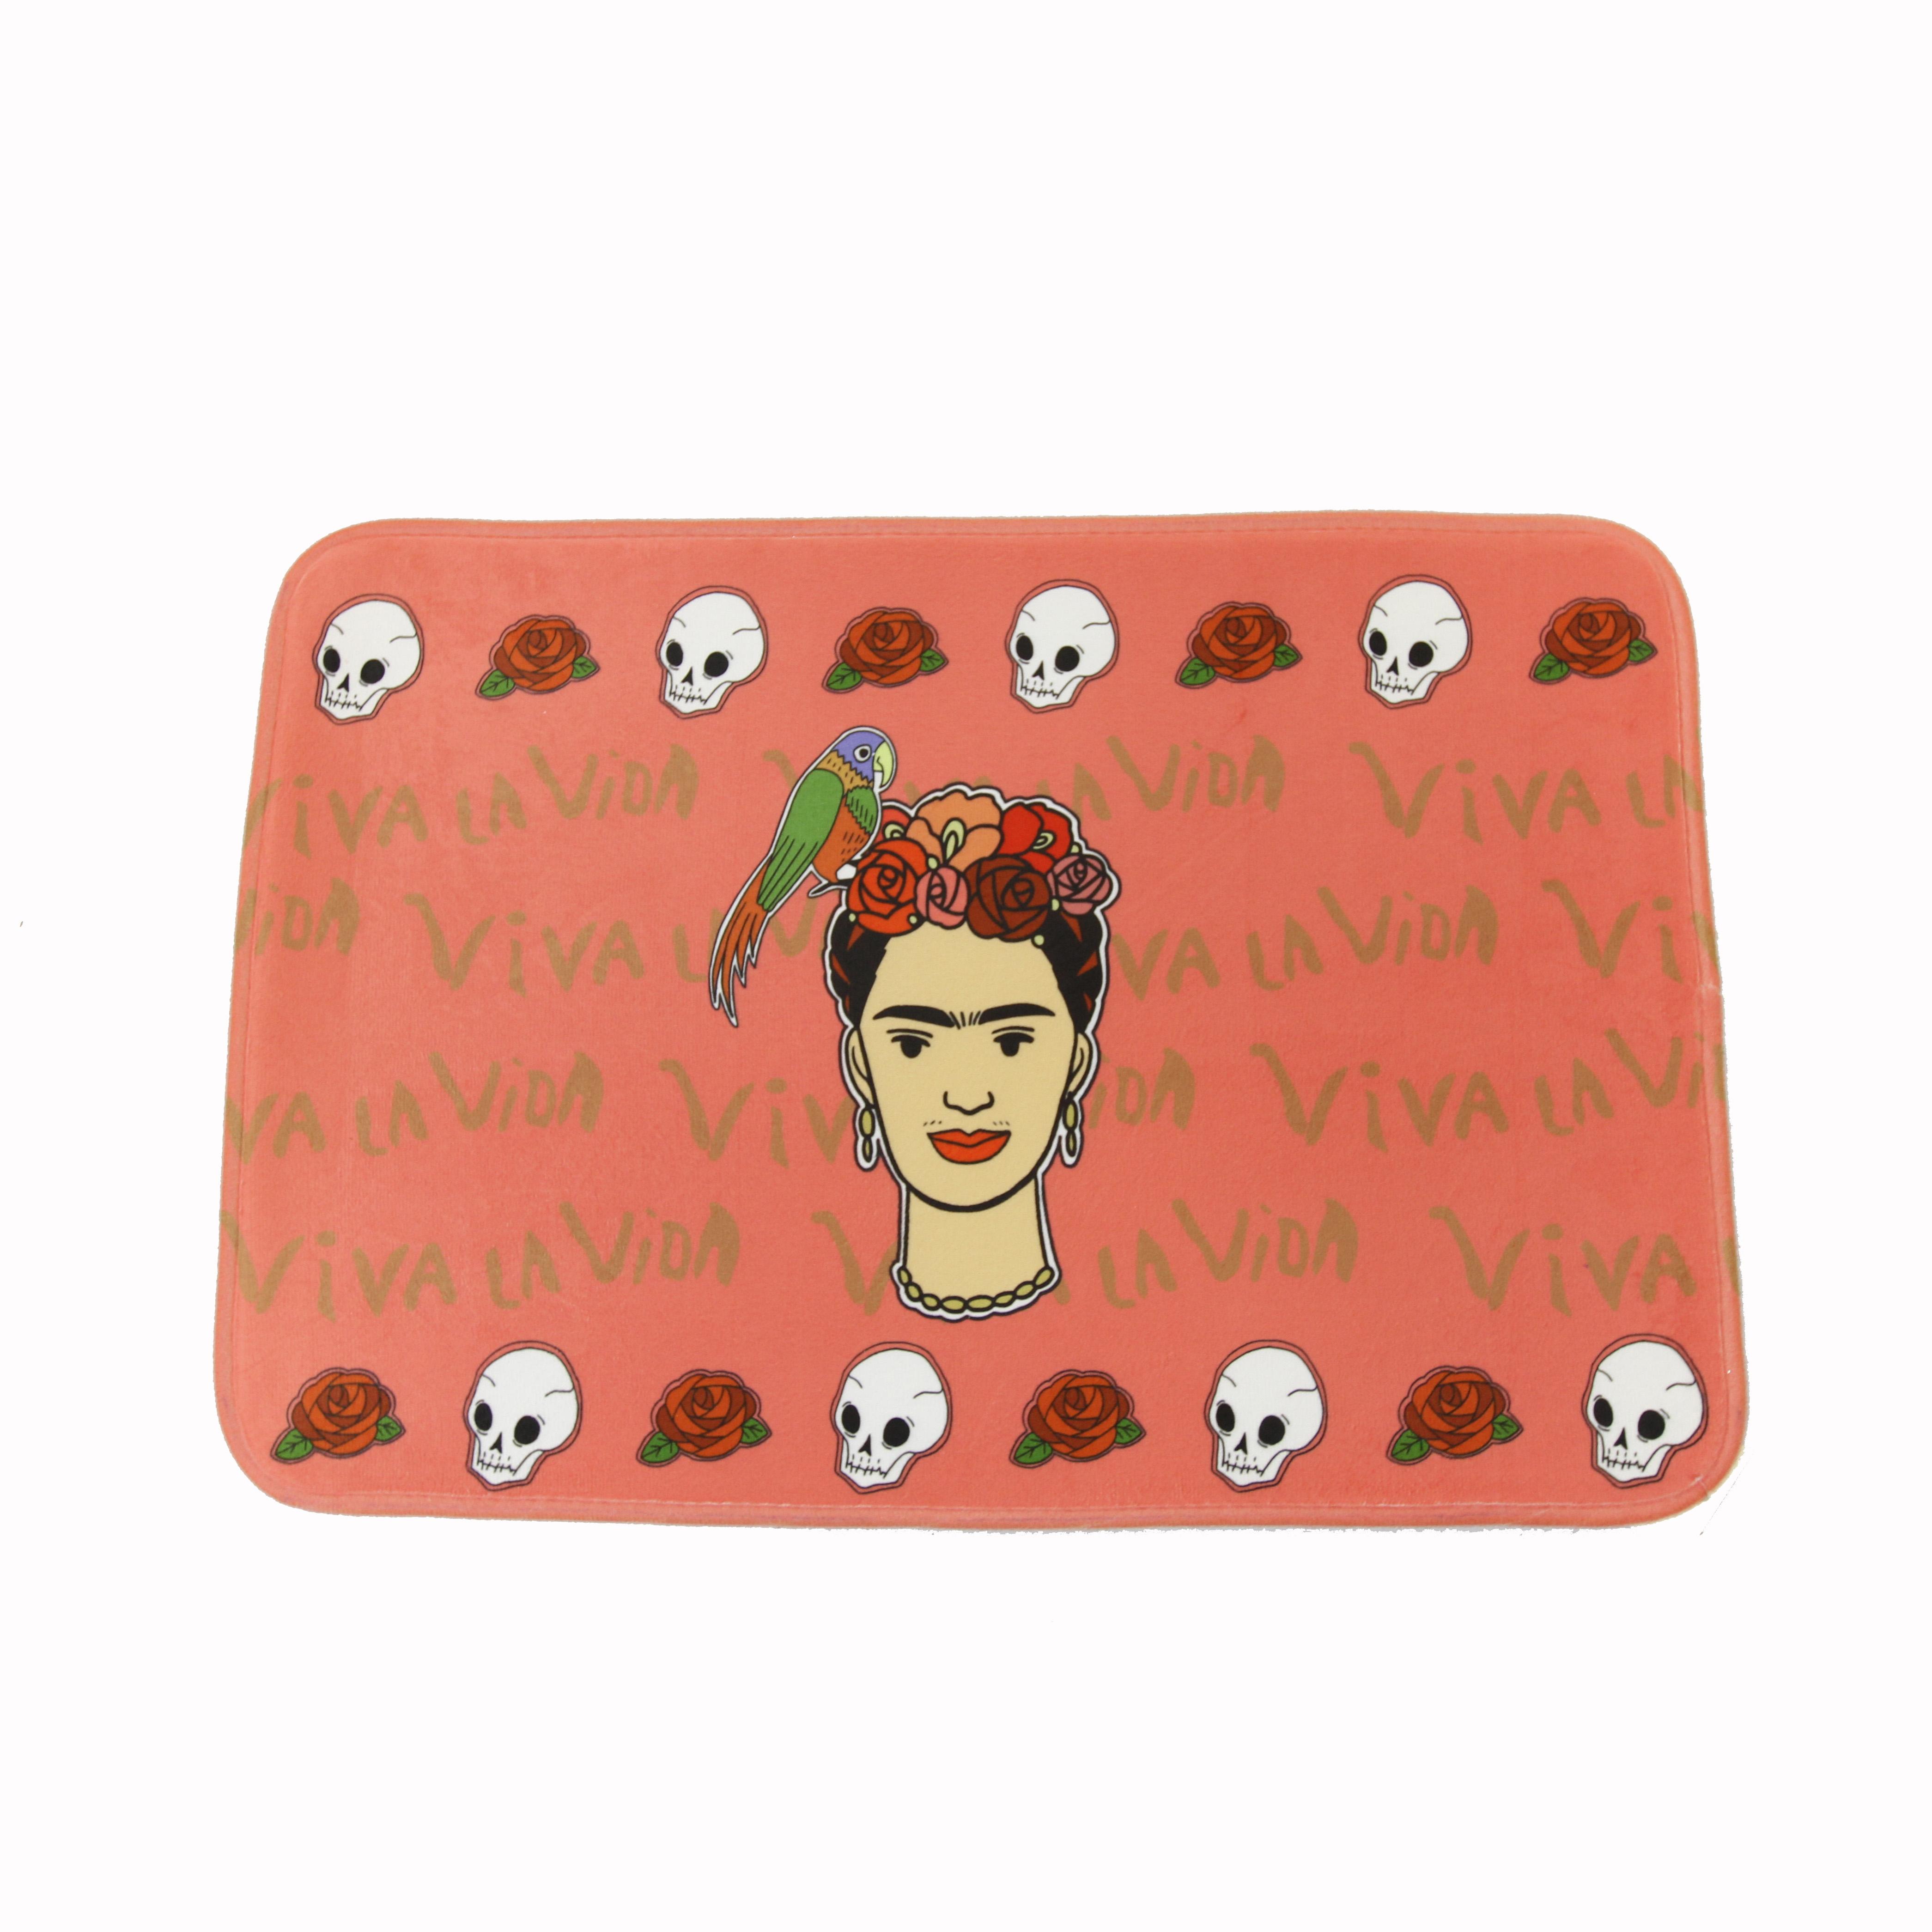 Frida Kahlo bath mat